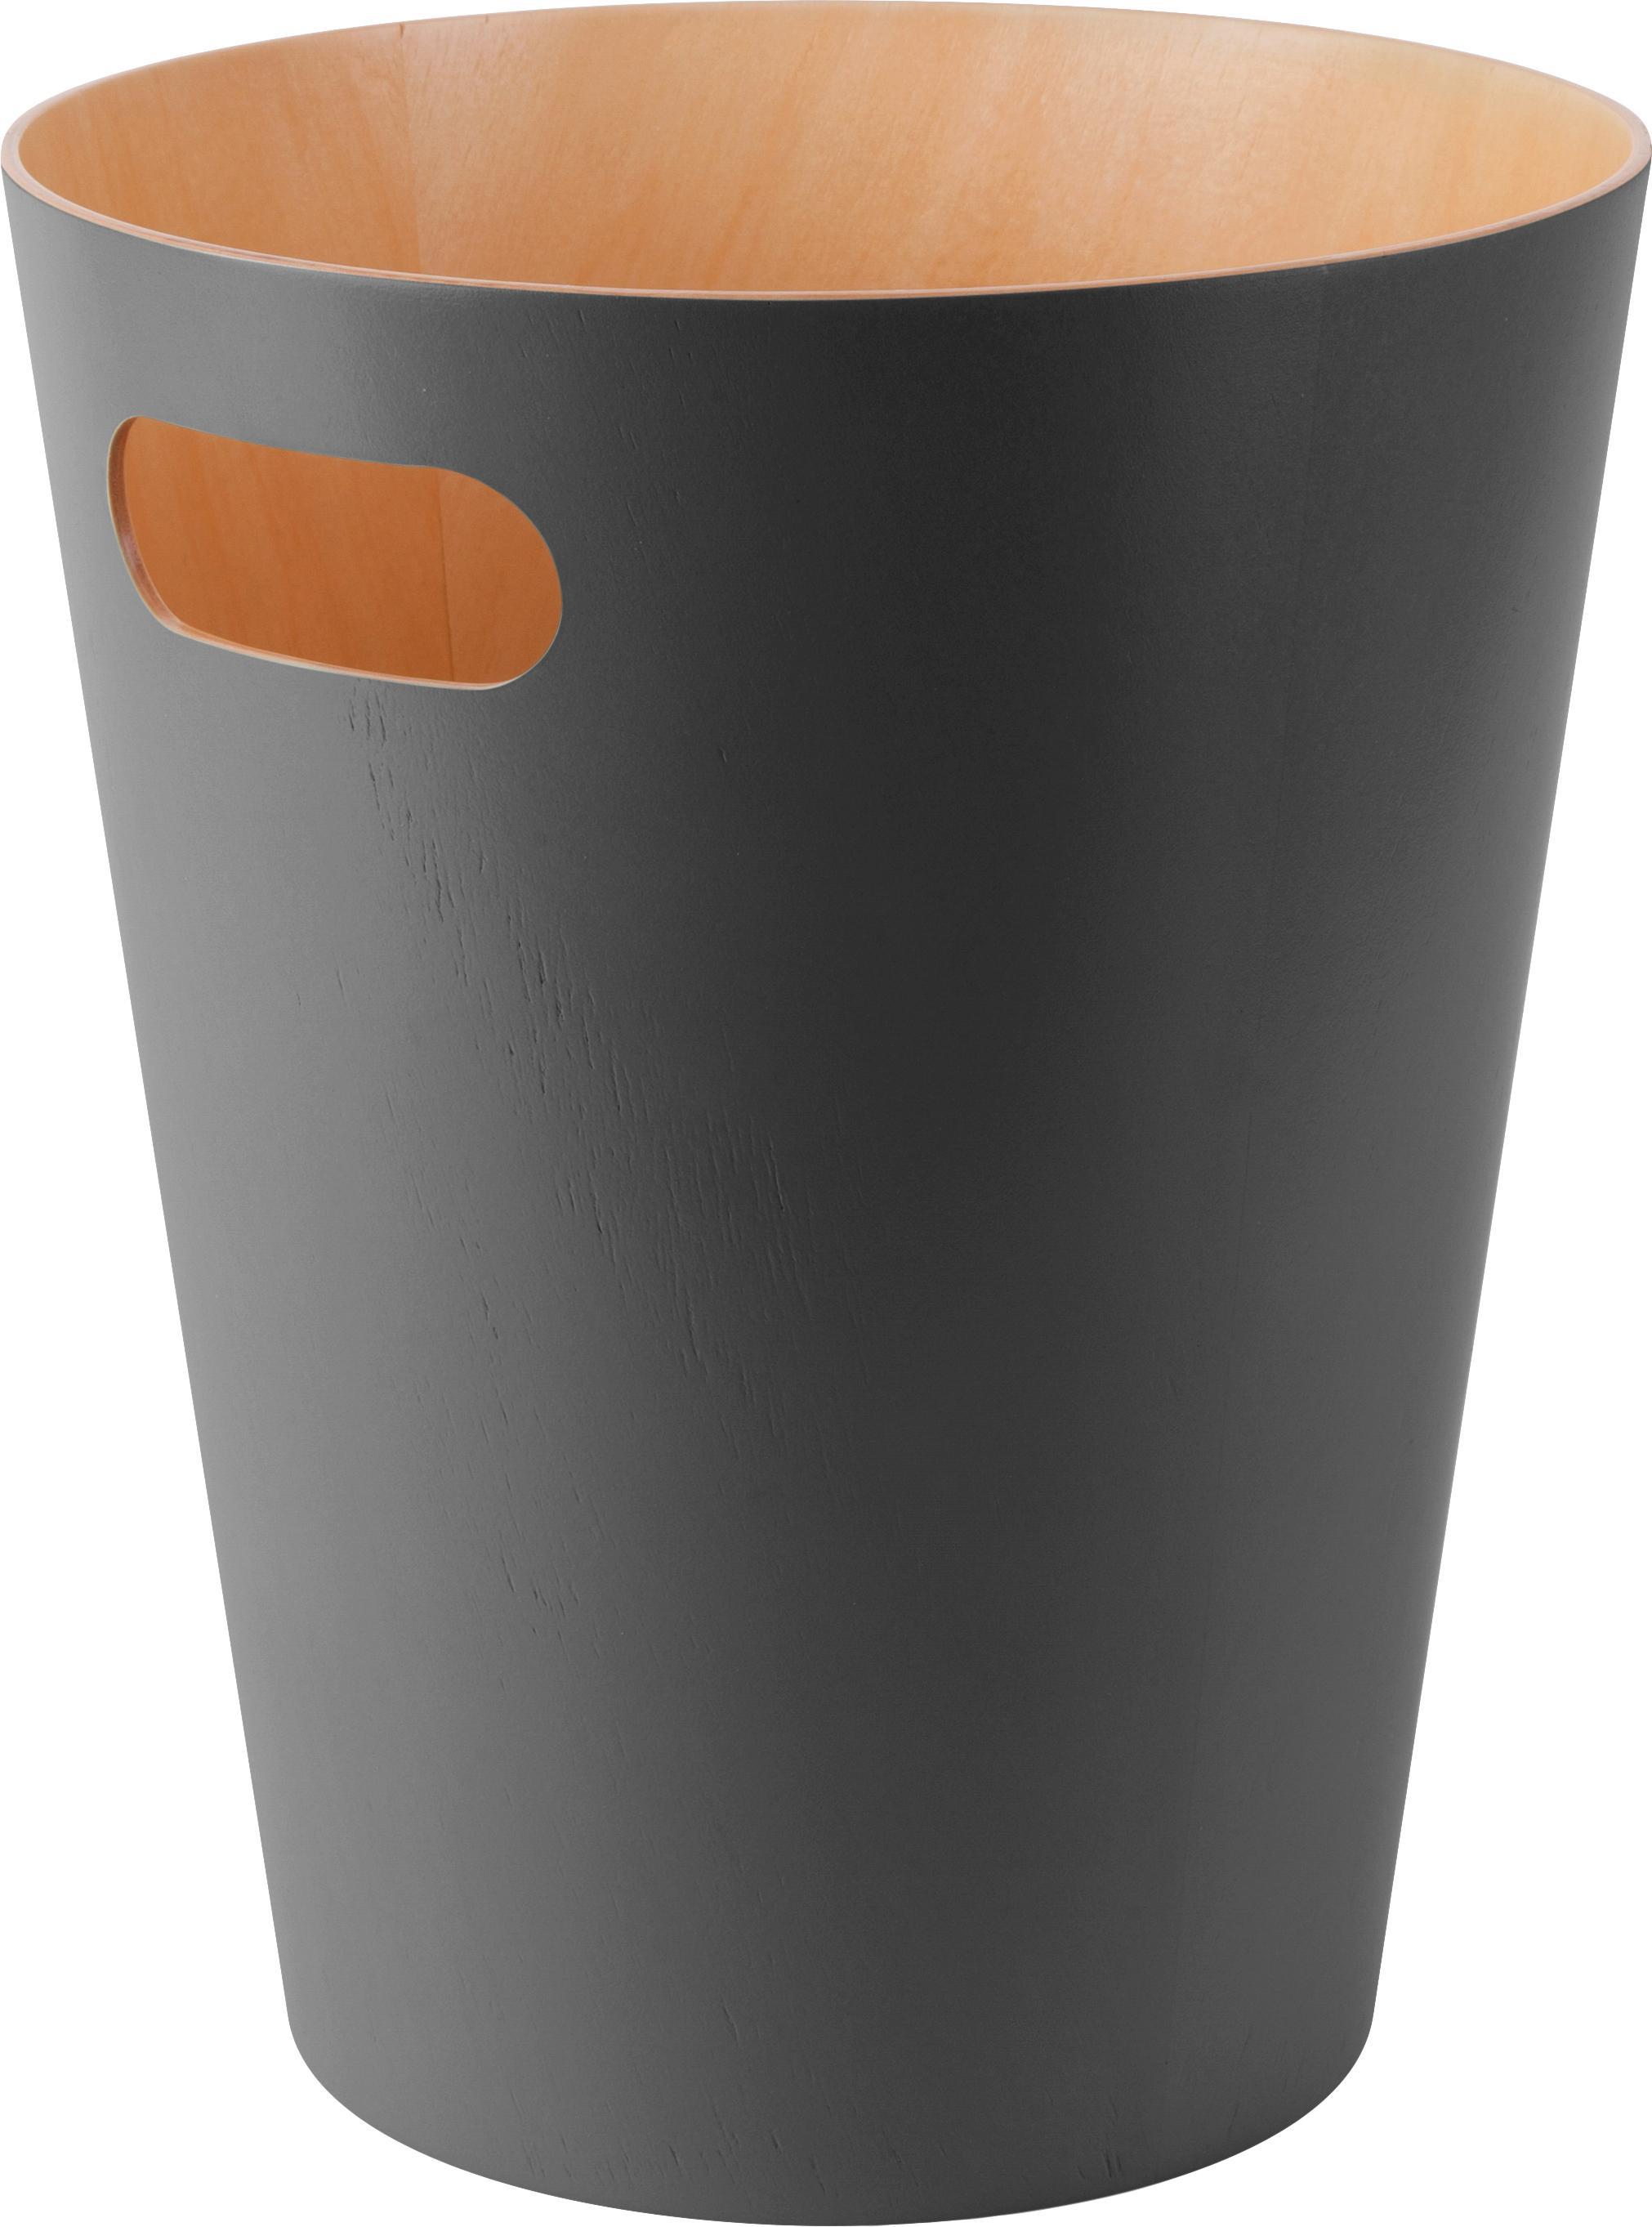 PapeleraWoodrow Can, Madera pintada, Gris antracita, Ø 23 x Al 28 cm